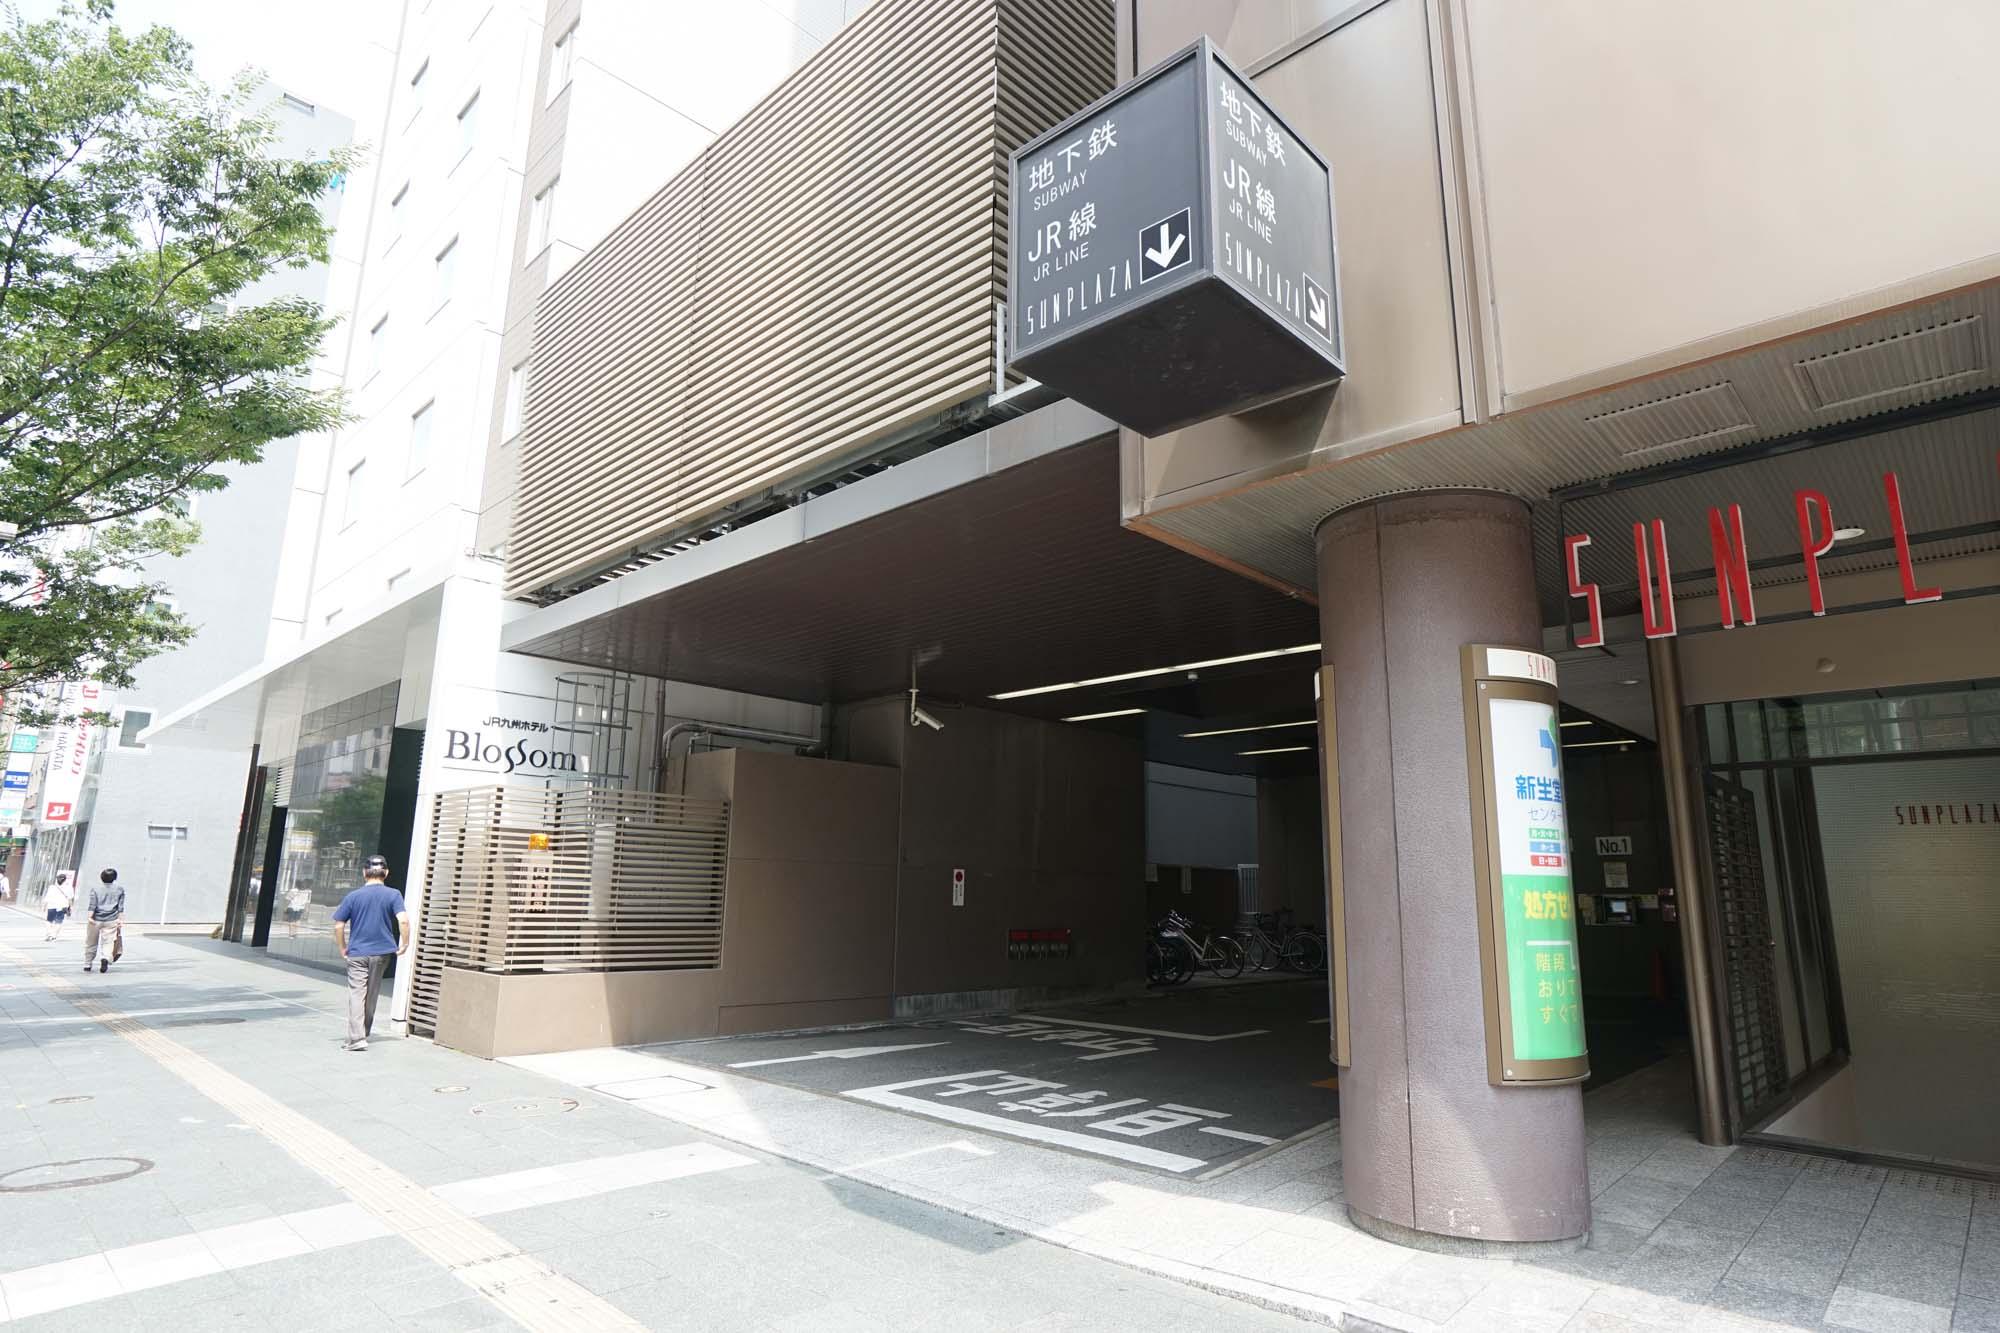 振り返ると、駅へと向かう地下通路の階段があります。横断歩道を渡らなくてもよいのが便利。そして、わかりますでしょうか、その奥に見えているのが、もう目的のホテルです!